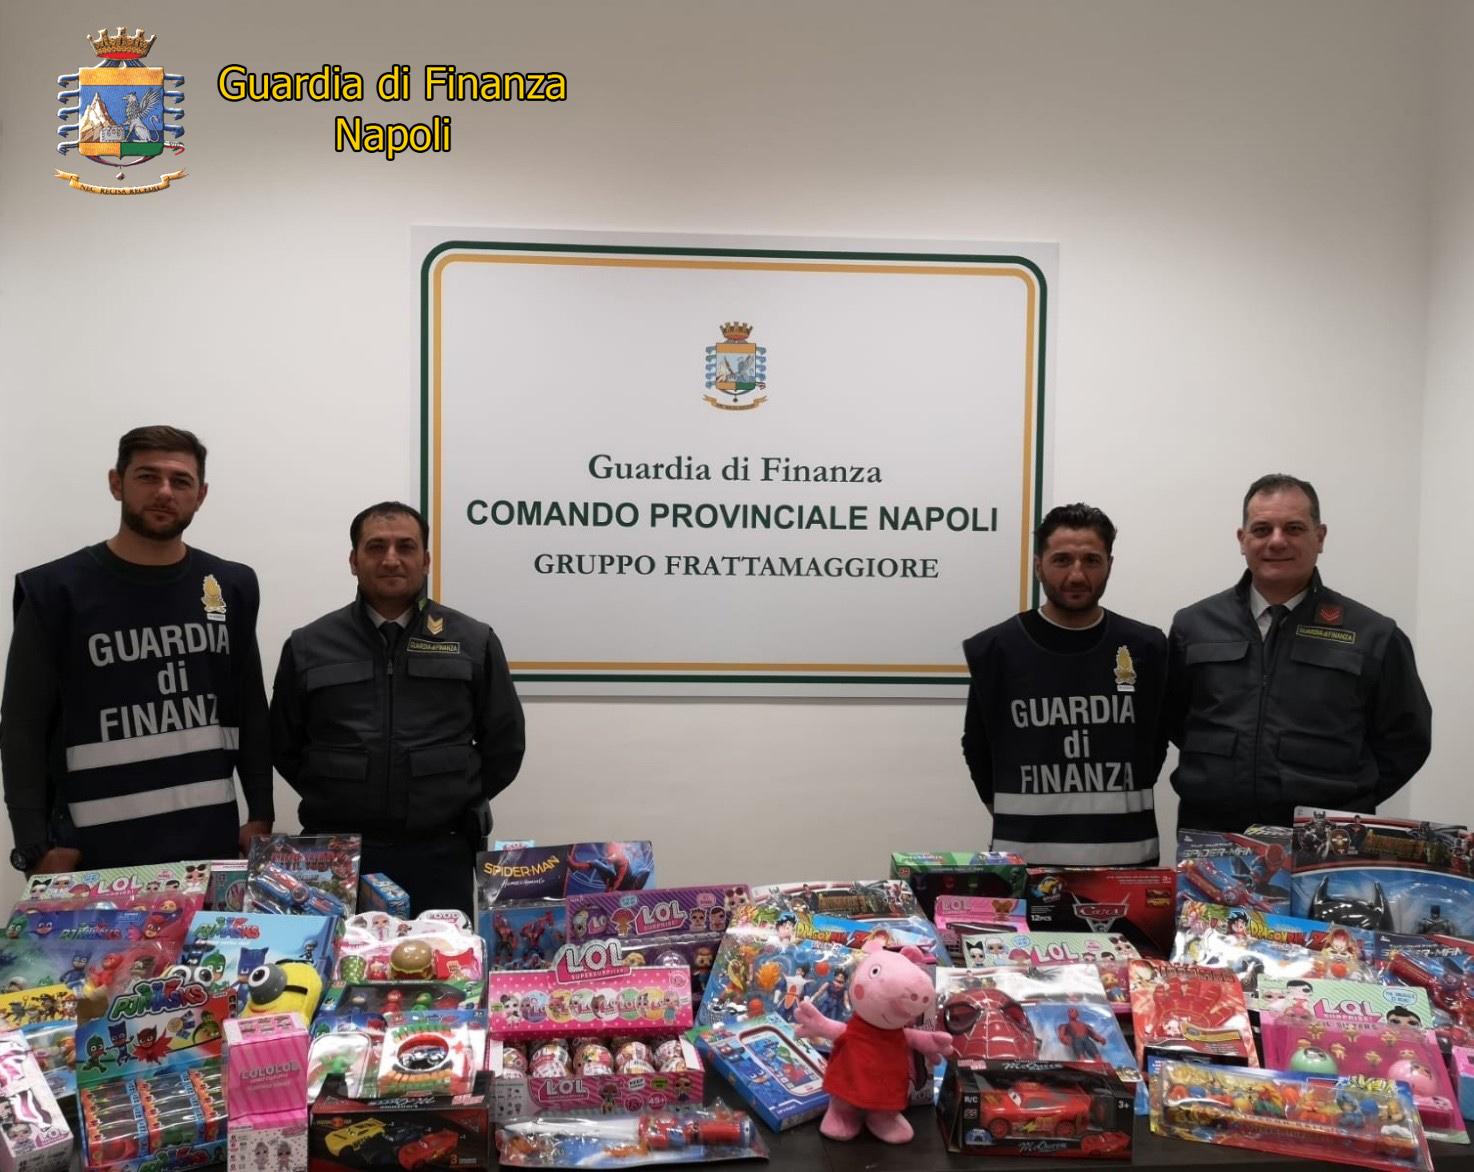 Napoli, la Guardia di Finanza sequestra 25 milioni di giocattoli contraffatti